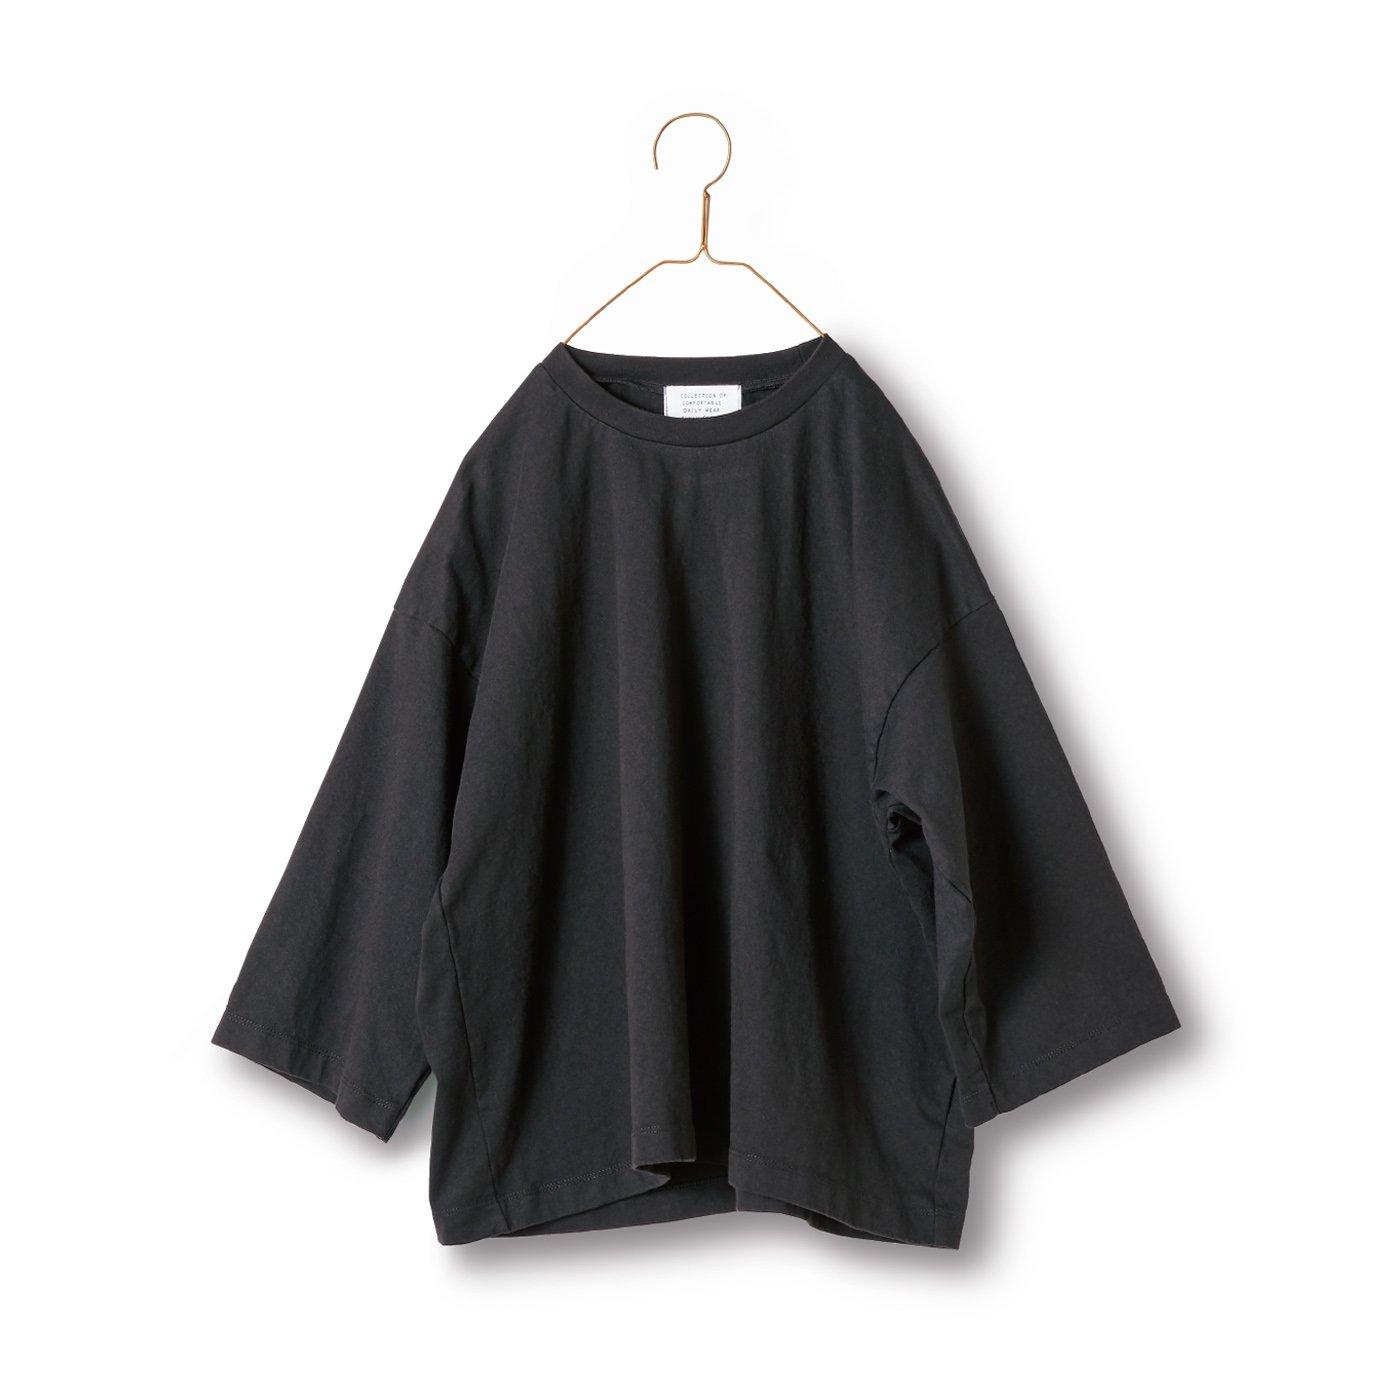 サニークラウズ 半端袖Tシャツ〈レディース〉黒